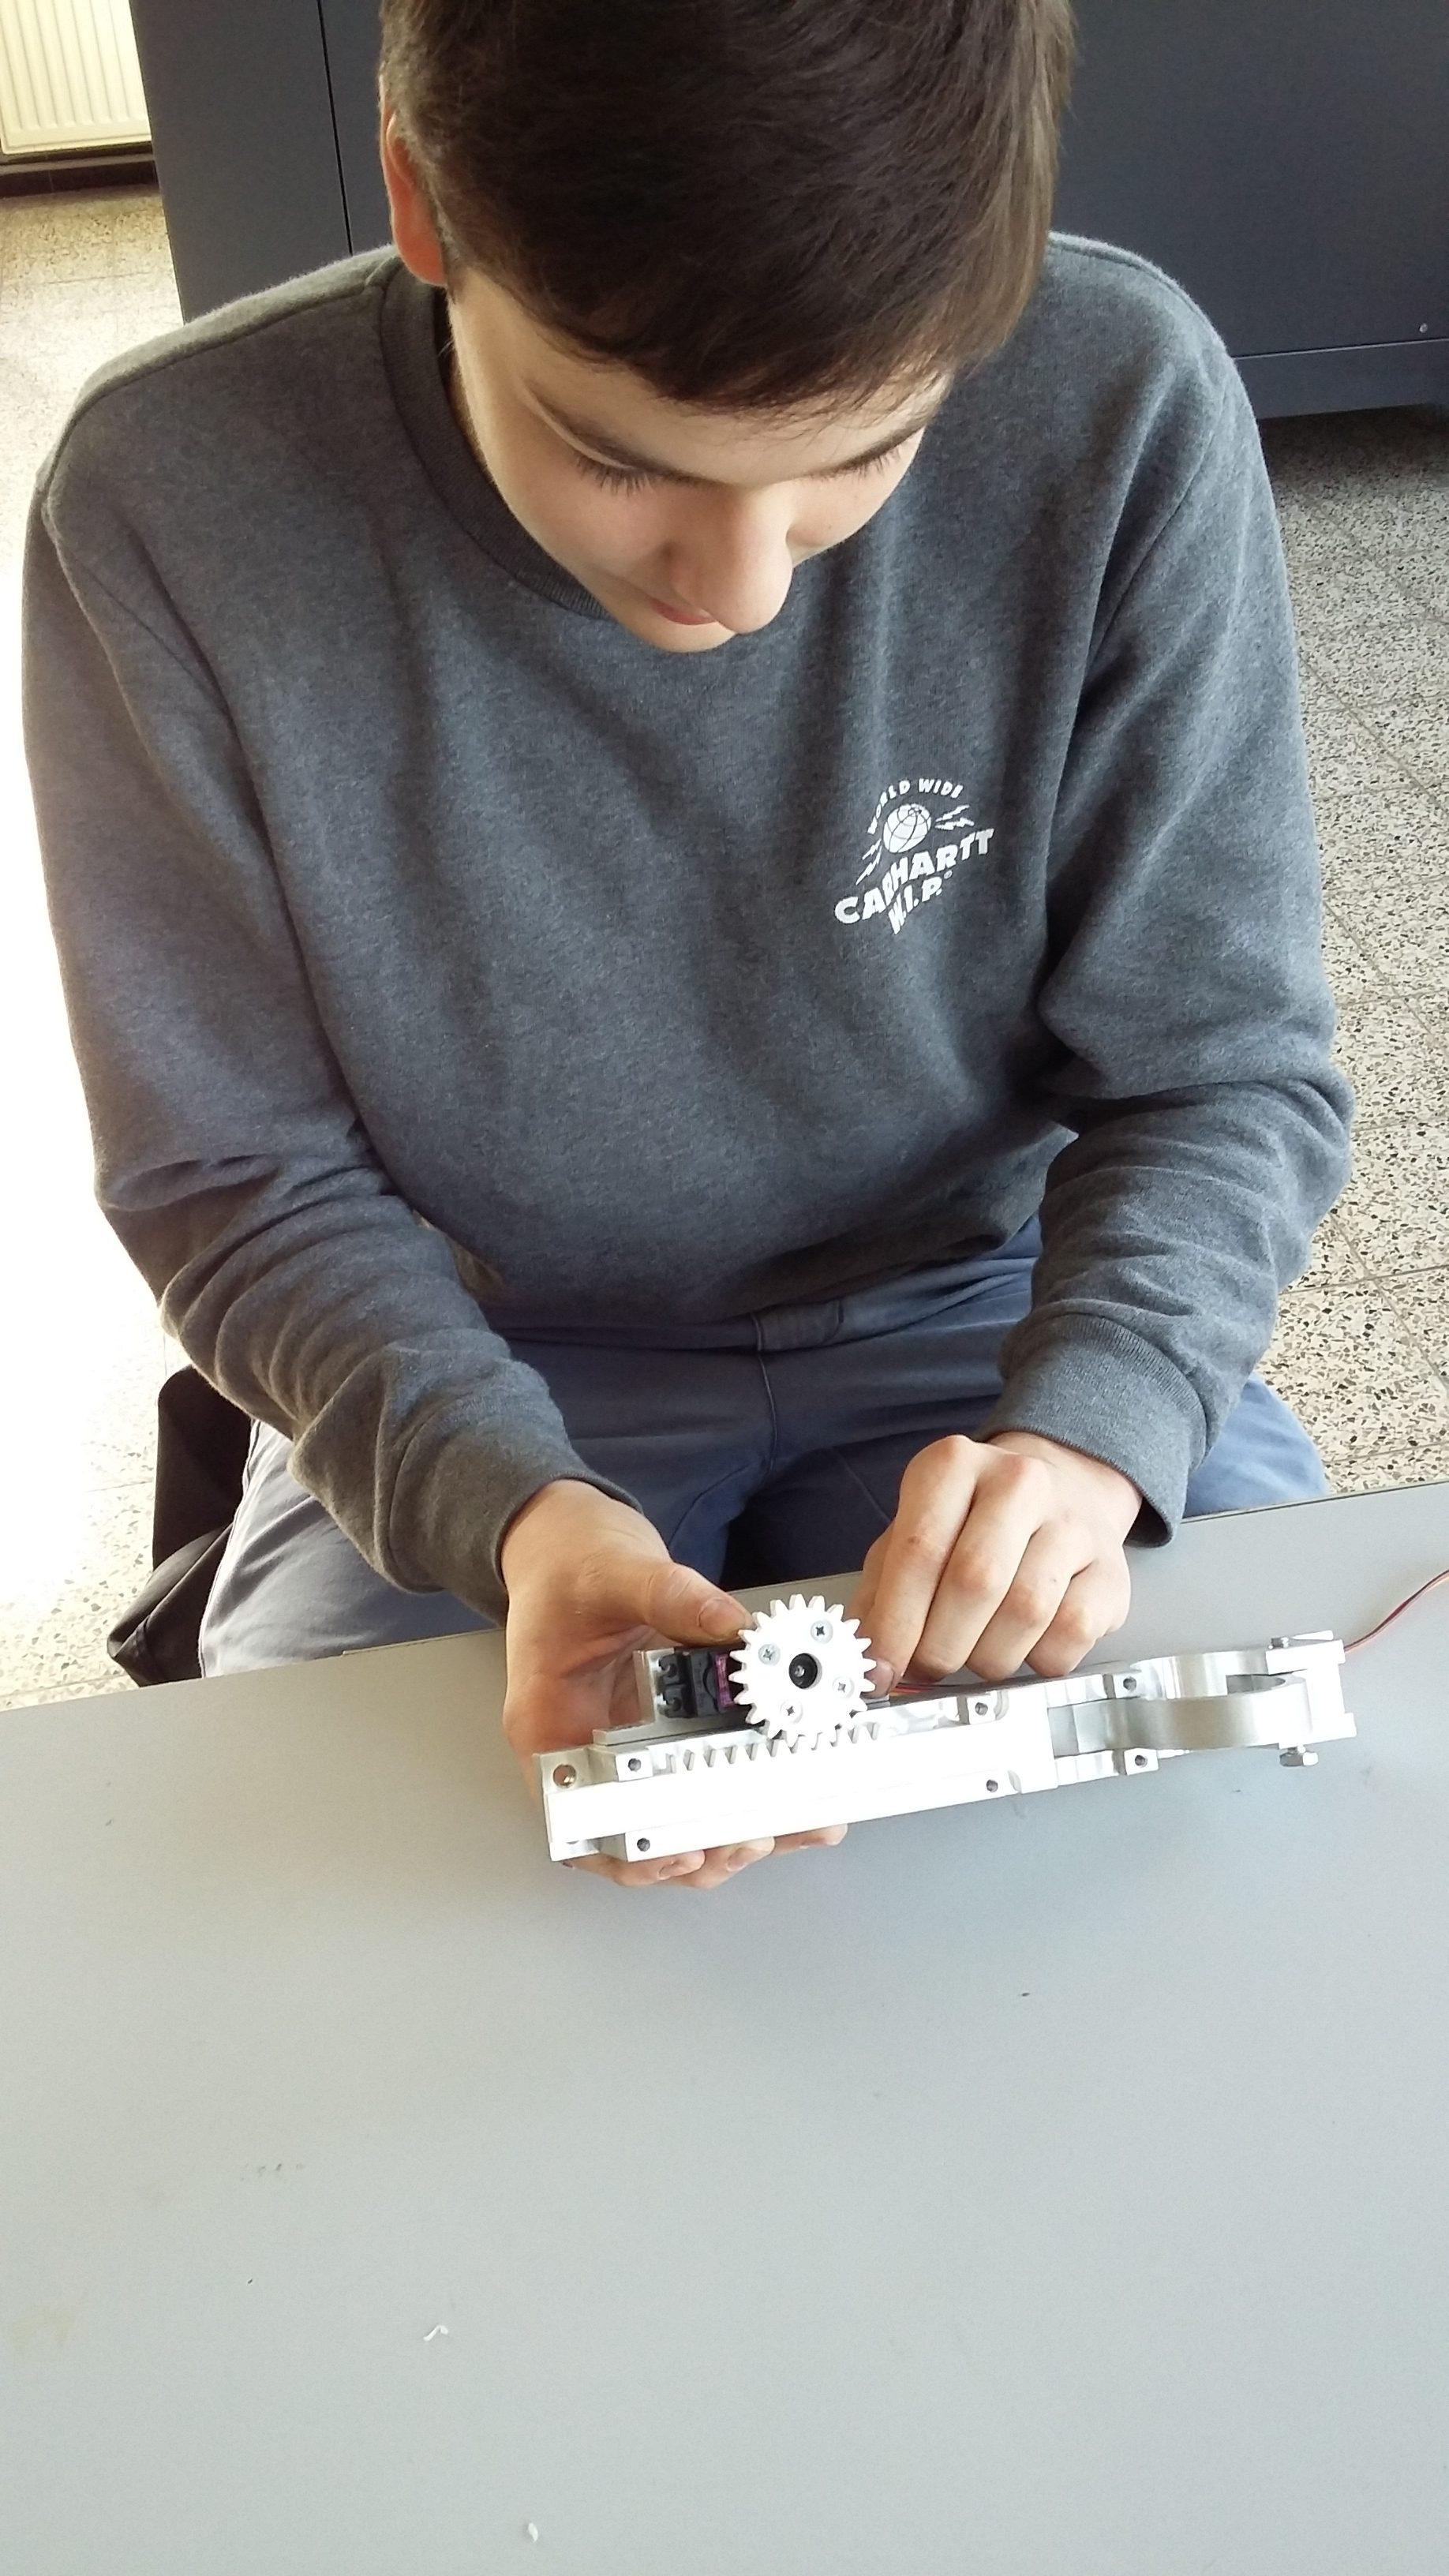 De leerlingen sleutelen aan het werkend prototype